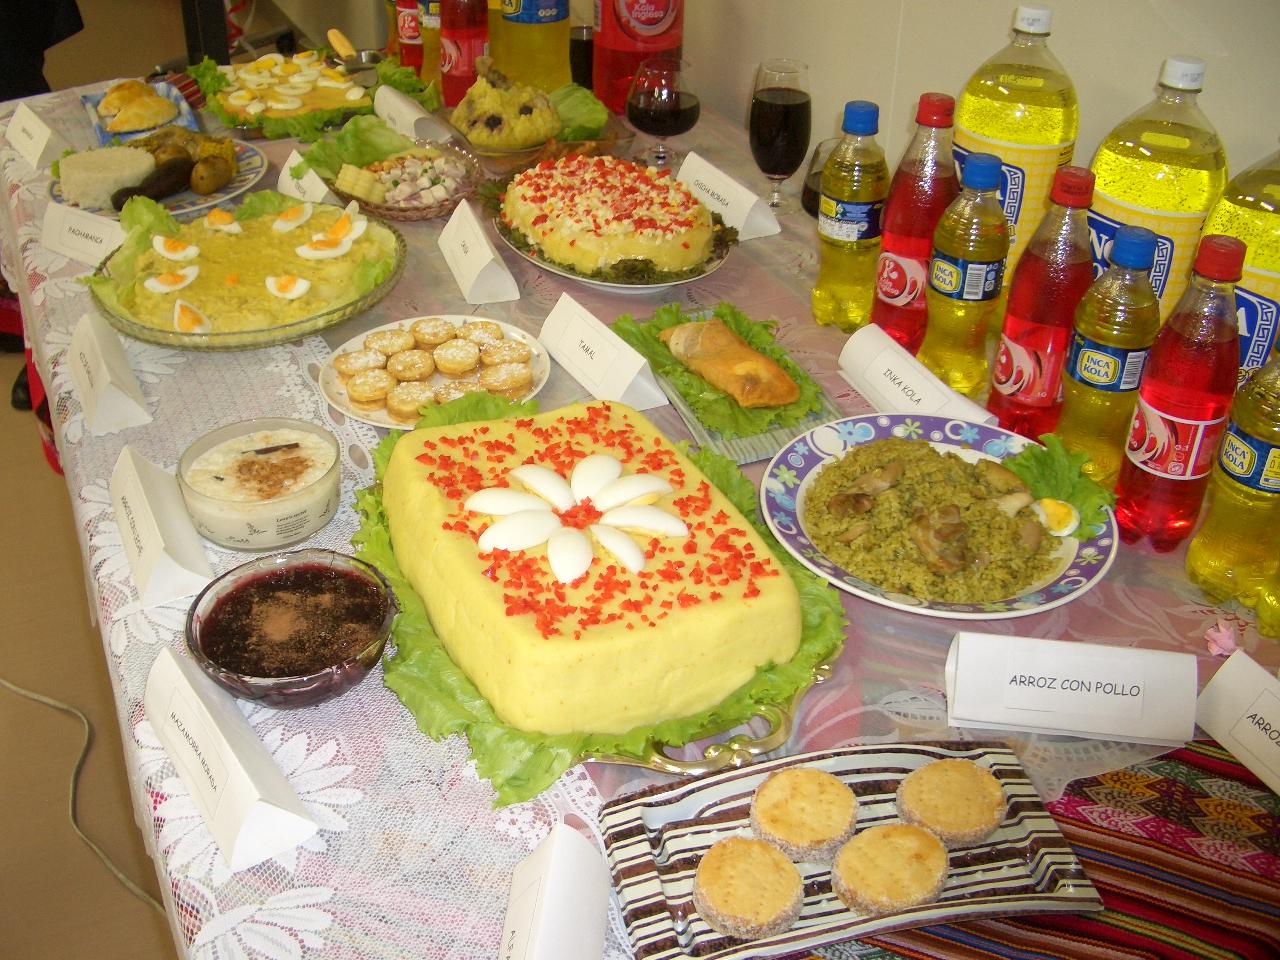 http://www.mundodealegria.org/images/CIMG5618.JPG